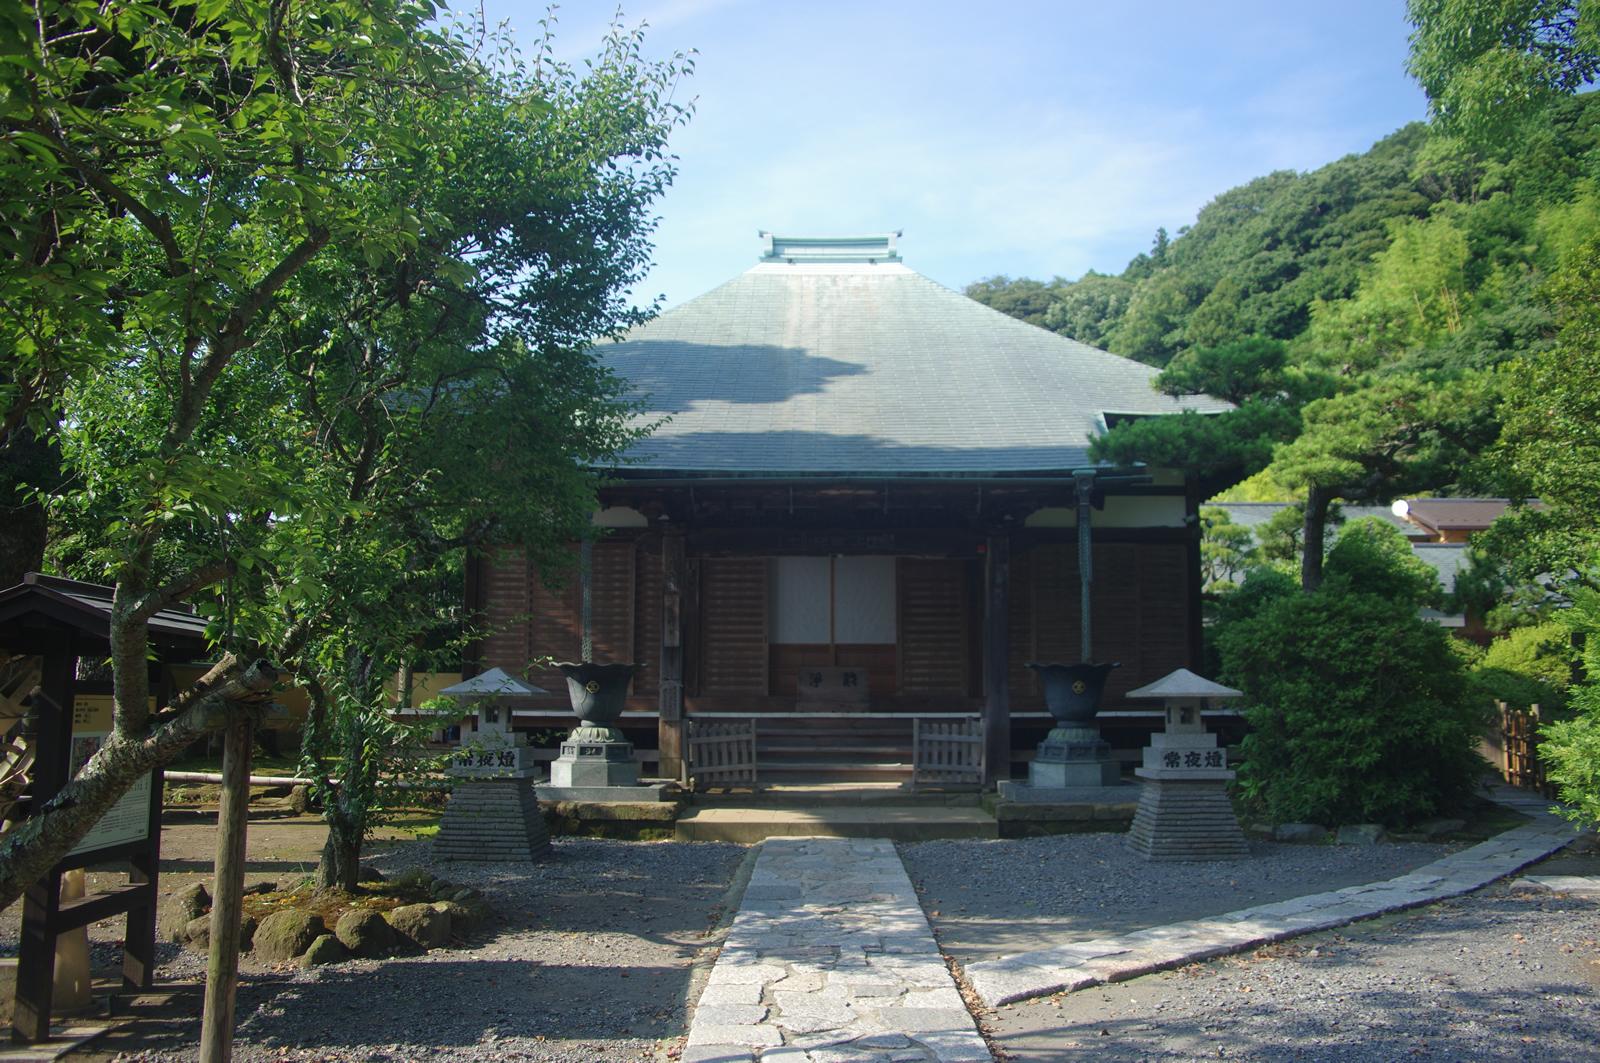 鎌倉 光触寺